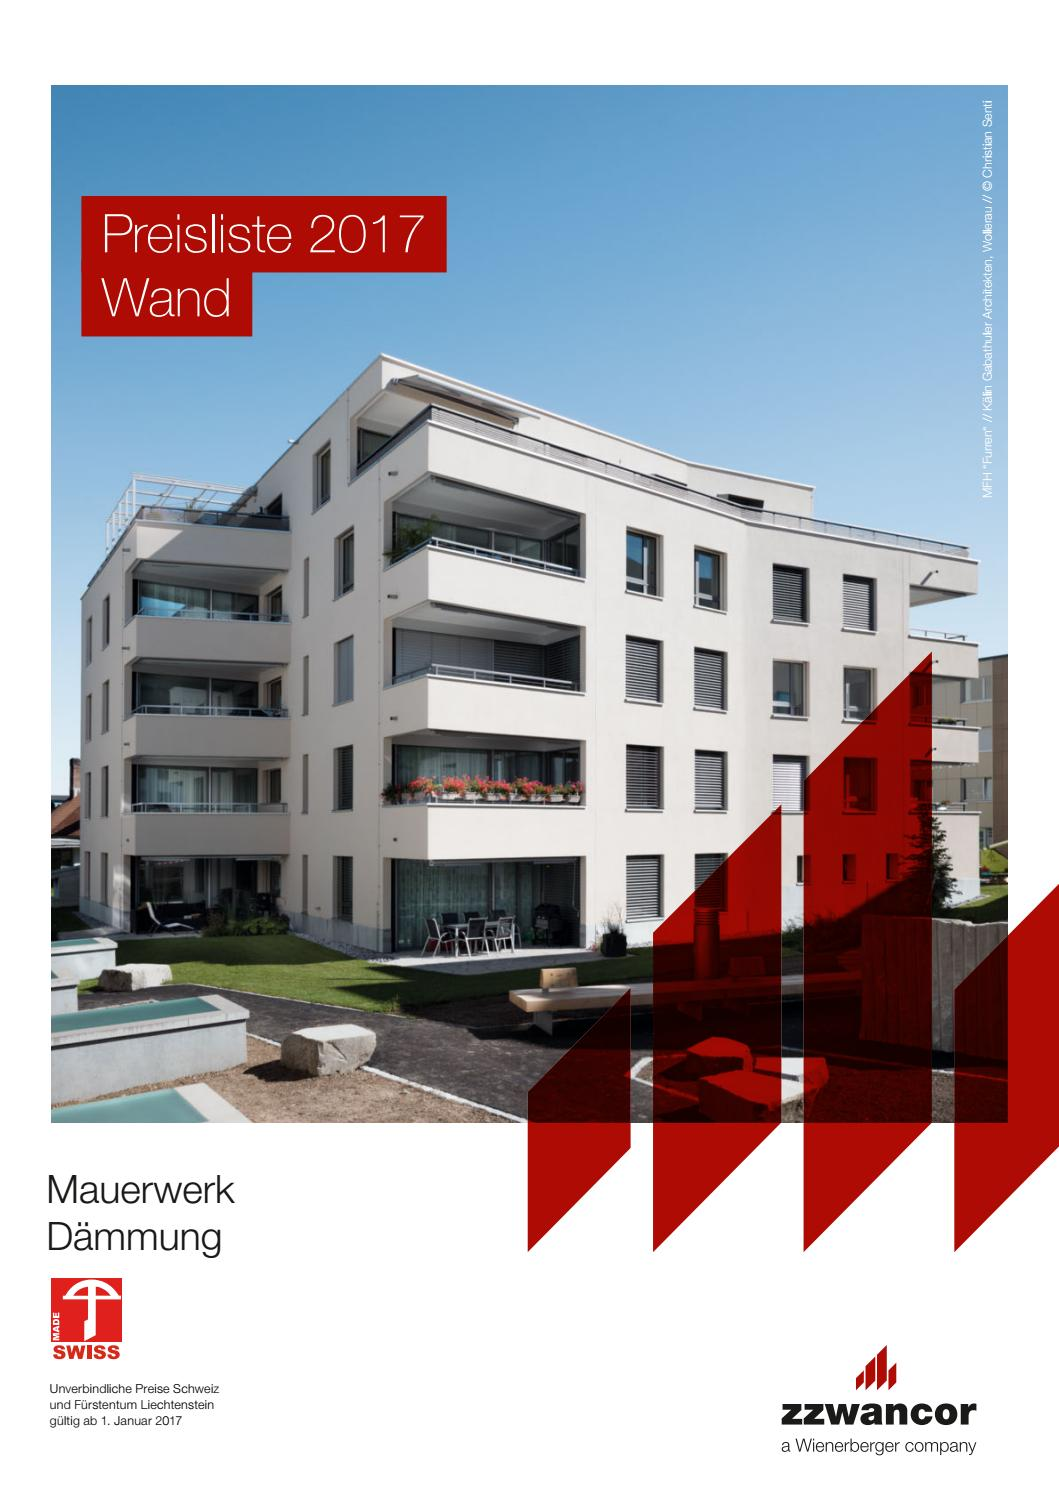 preisliste wand 2017 mauerwerk d mmung pdf by. Black Bedroom Furniture Sets. Home Design Ideas